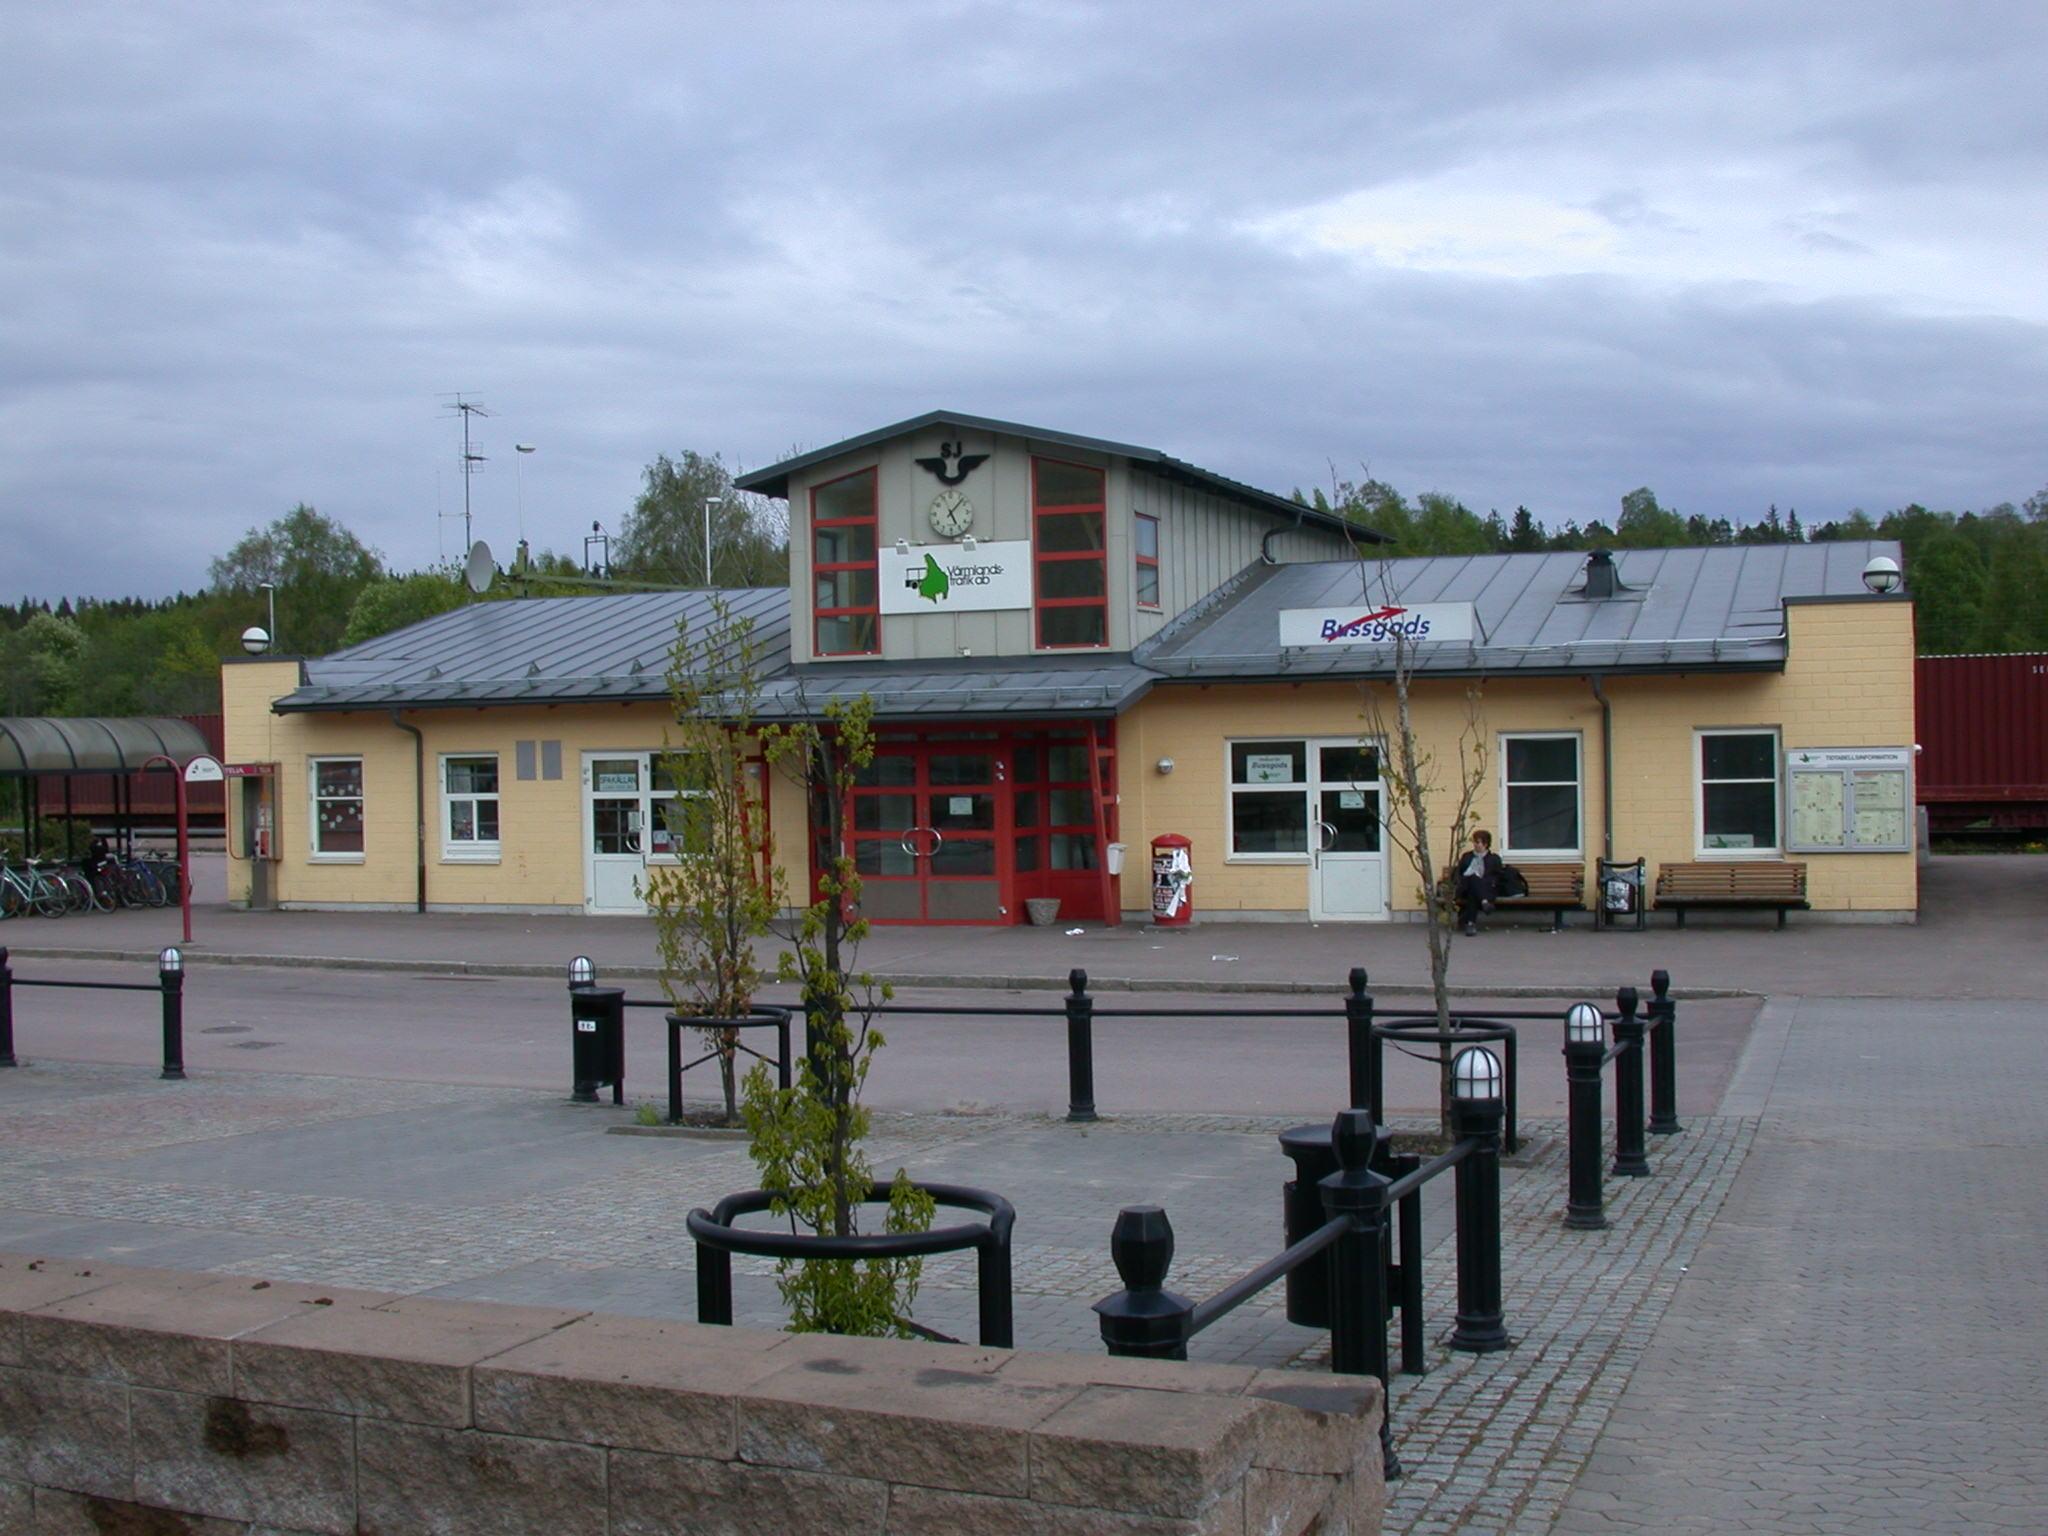 Sven-Ingvars - P sju platser i Grums kommun kommer